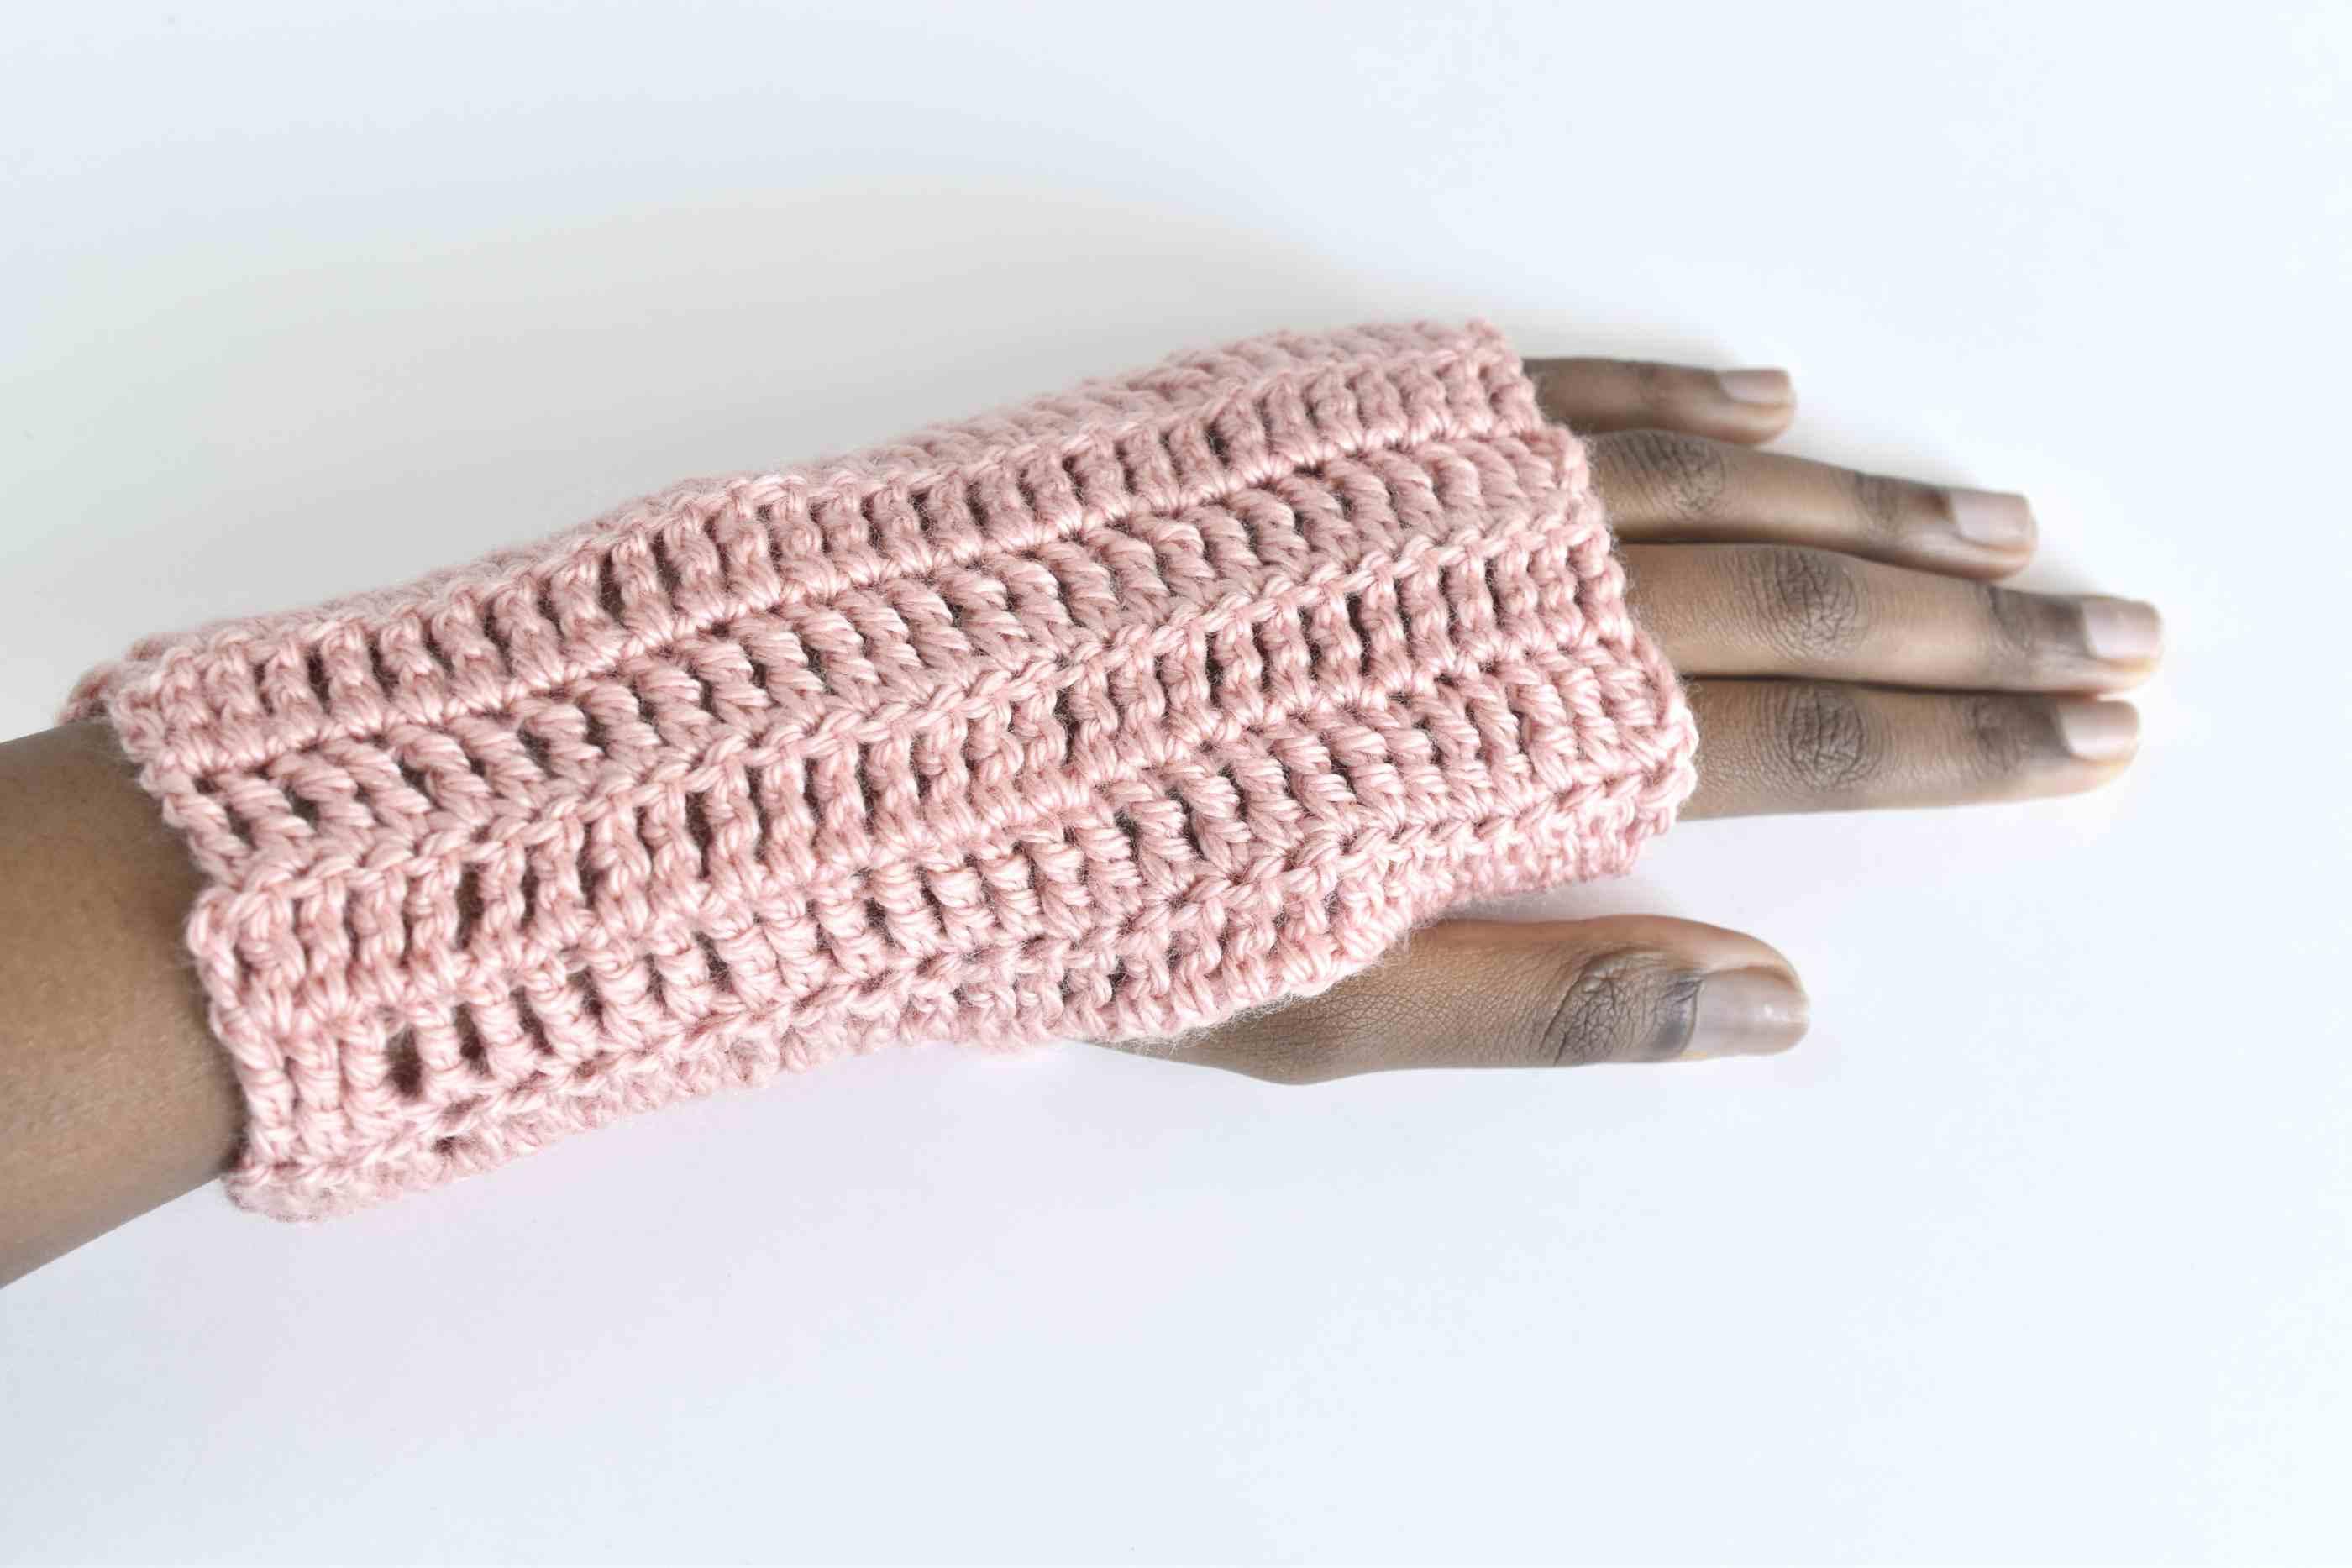 Completed Treble Crochet Fingerless Gloves